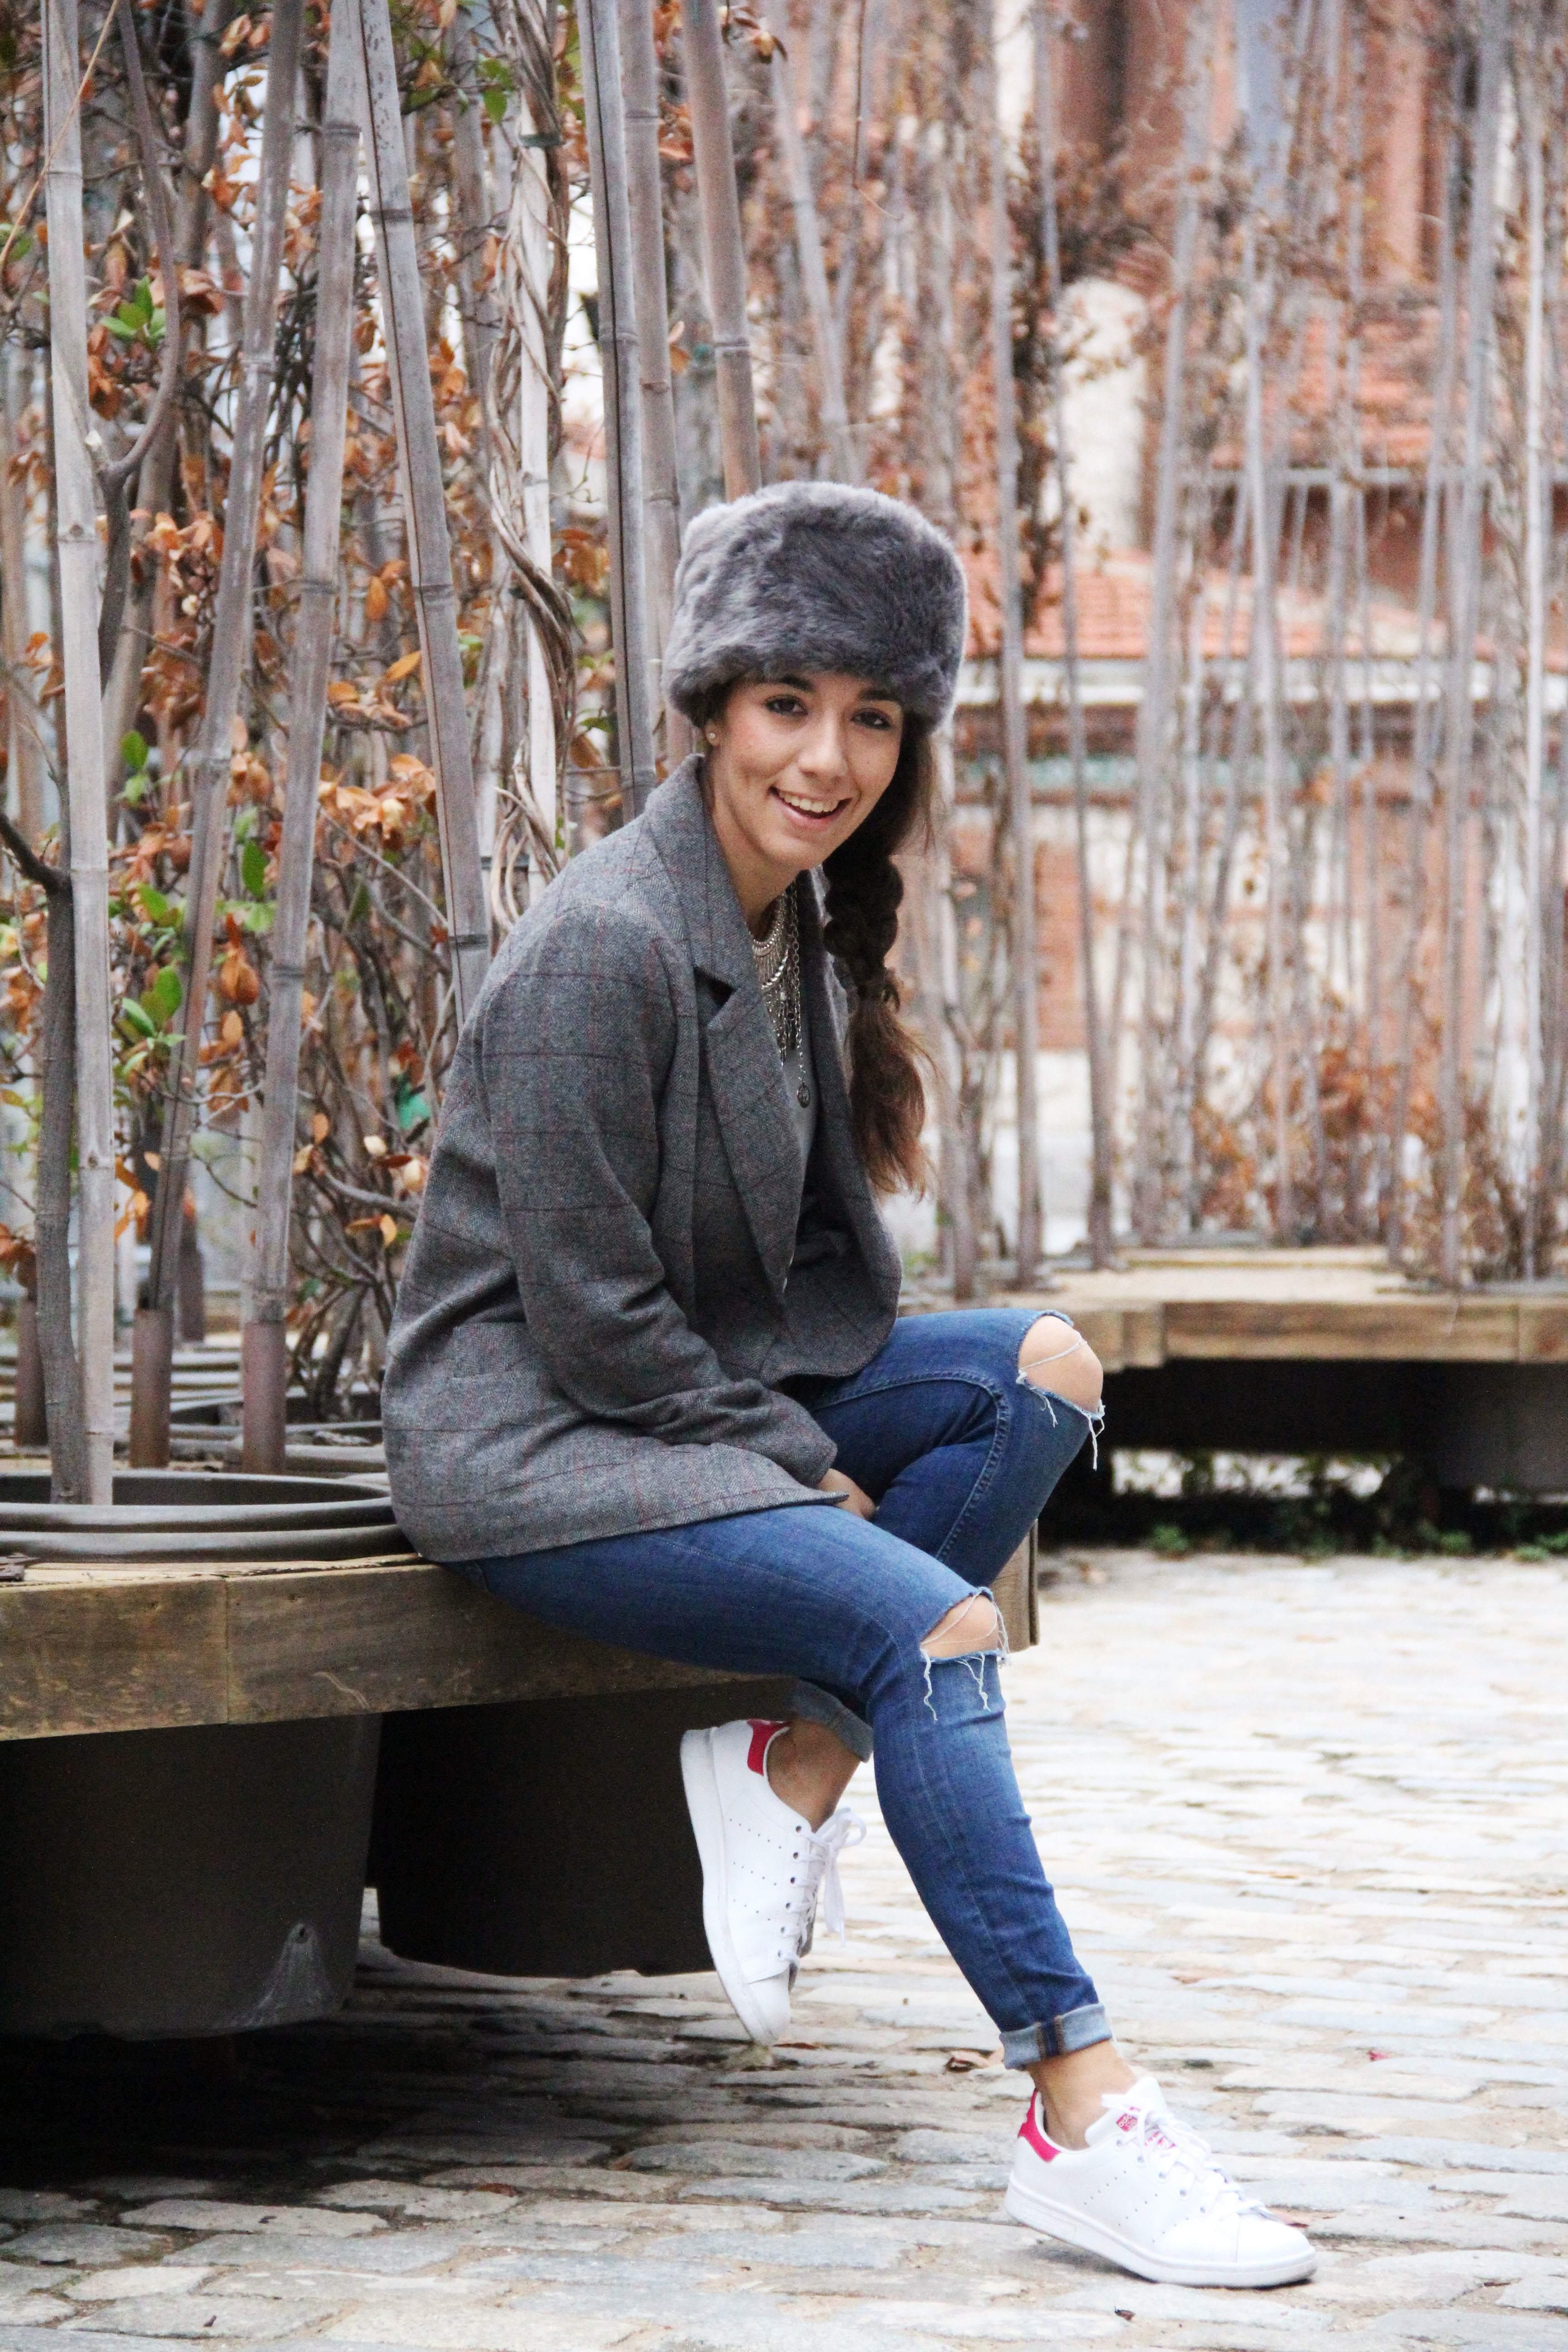 6_Less_is_more-ripped_jeans-compañía_fantástica-zapatillas_blancas-sneackers-gorro_de_pelo-blazer_de_cuadros-outfit-street_style-outfit-fashion_blogger